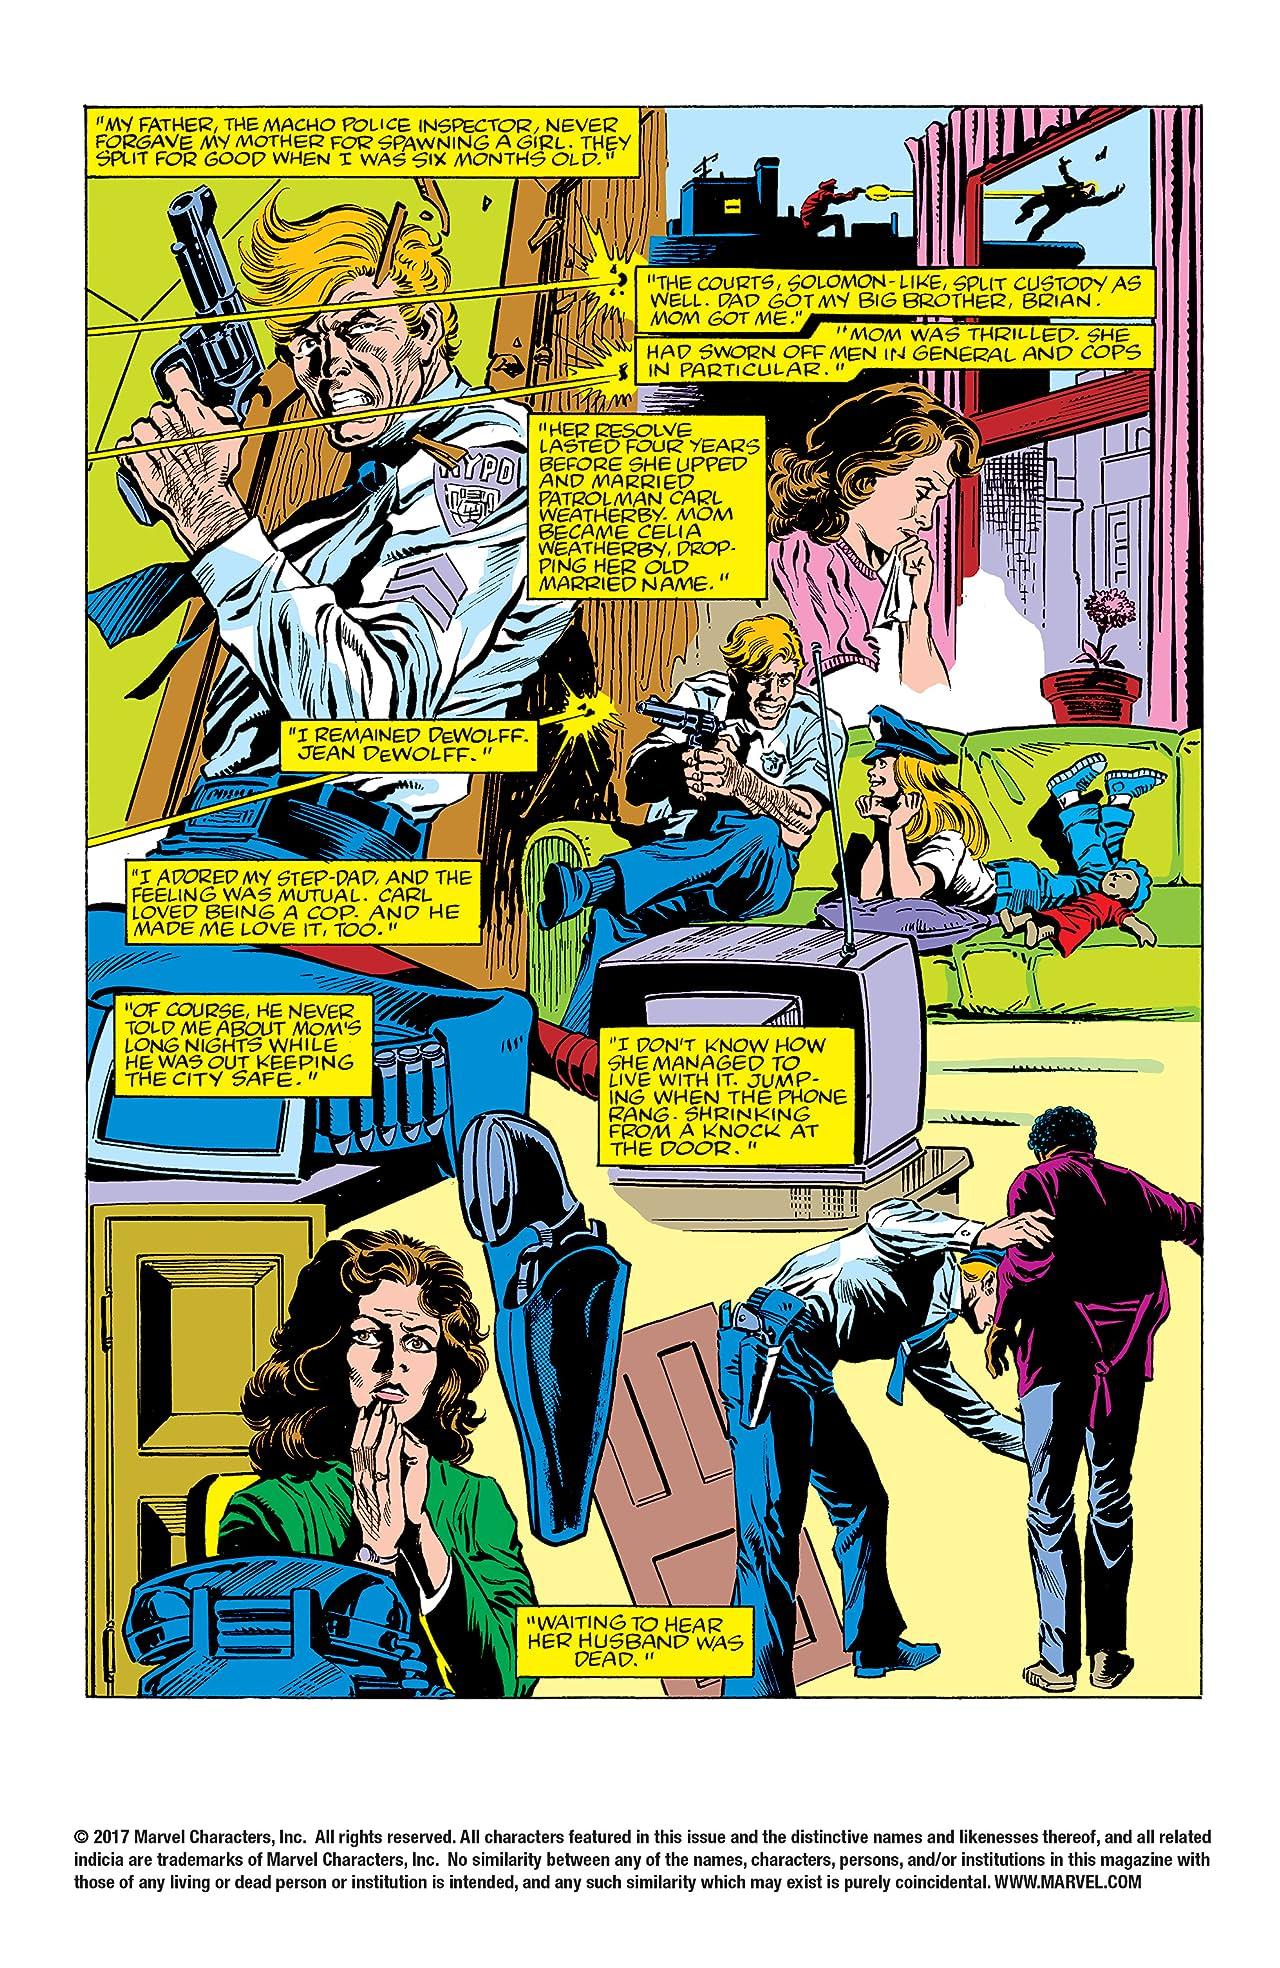 Spider-Man: The Death of Jean DeWolff